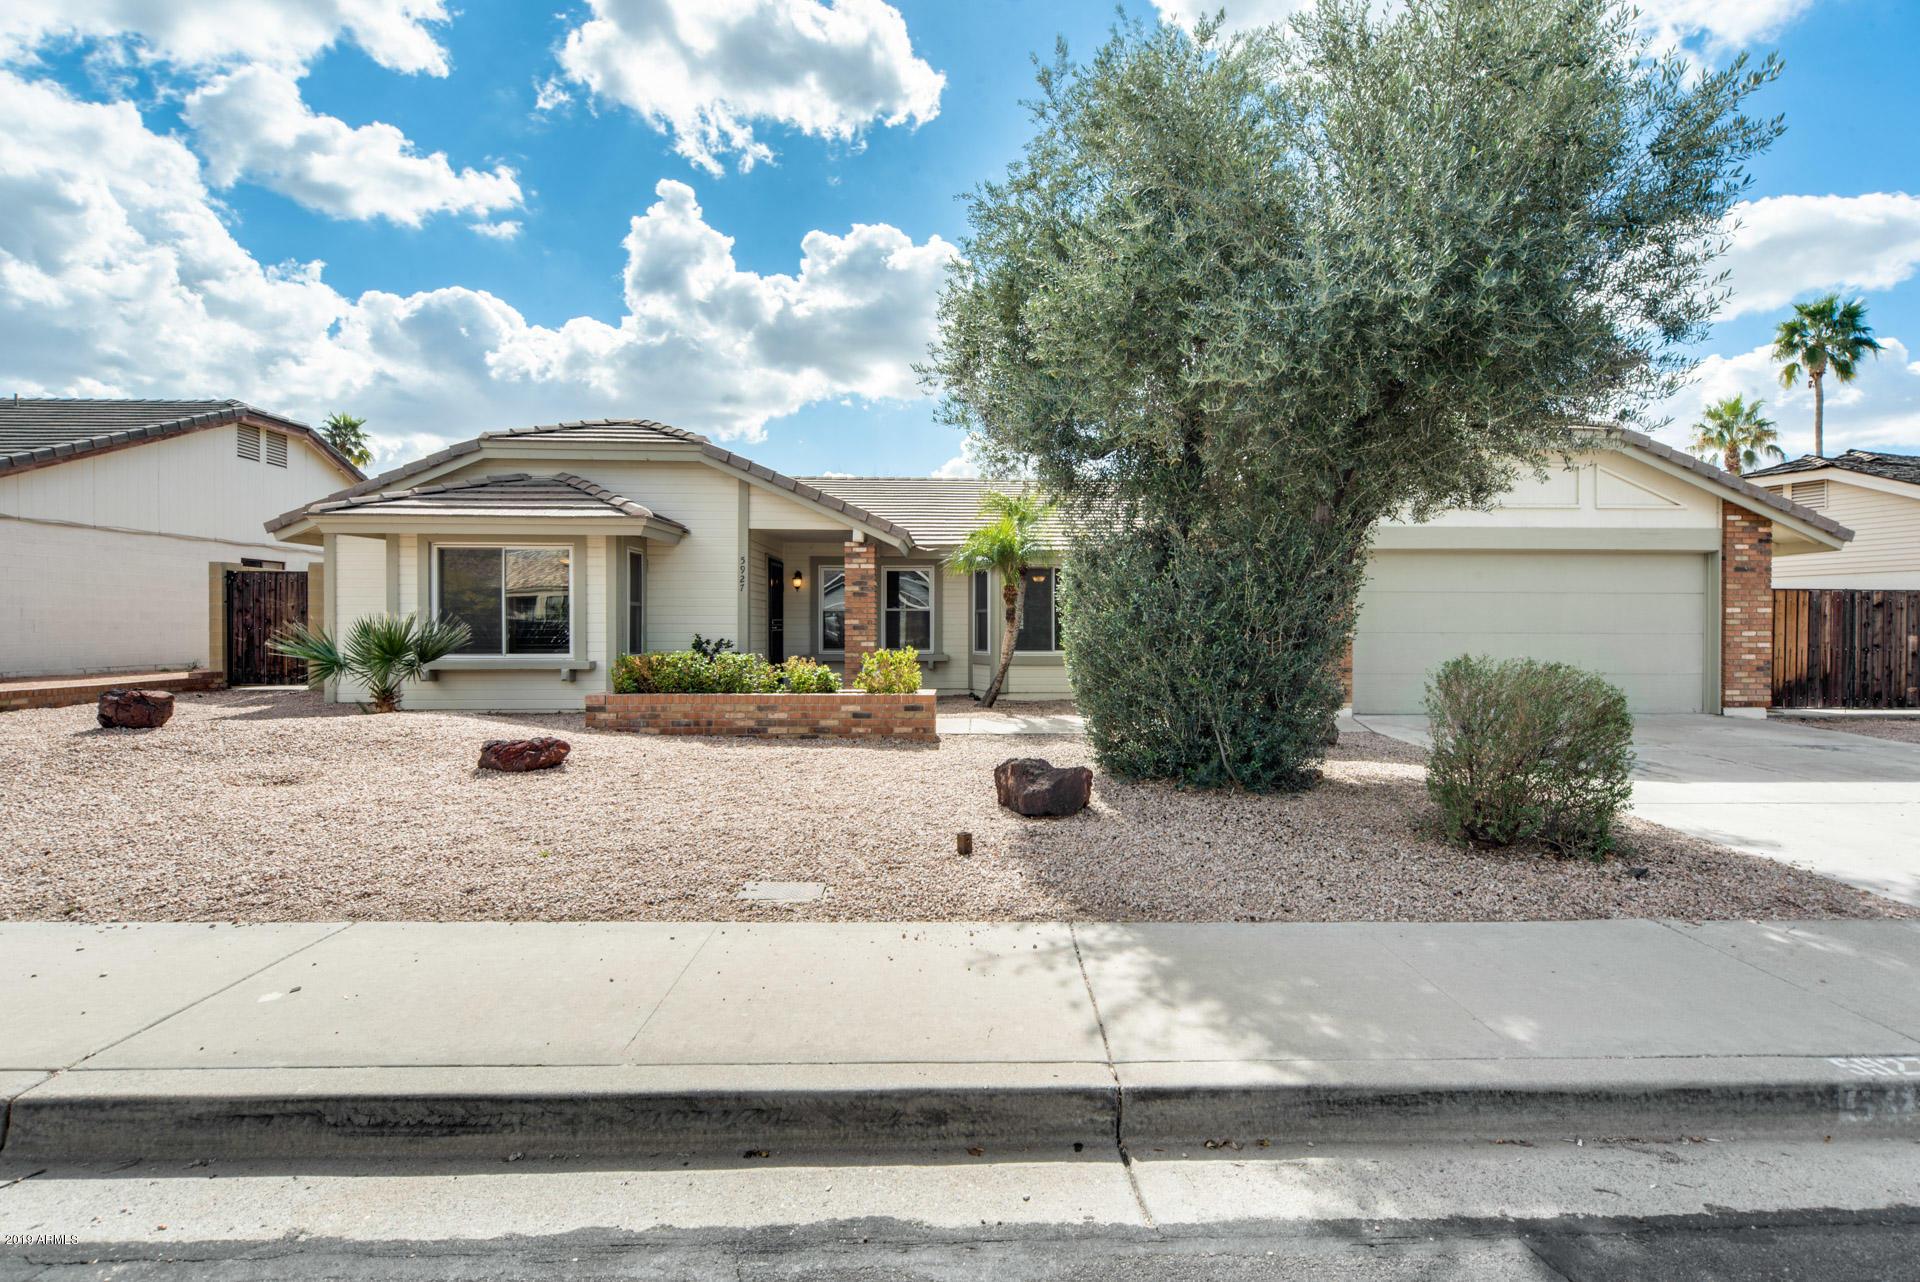 Photo of 5927 E INGLEWOOD Street, Mesa, AZ 85205